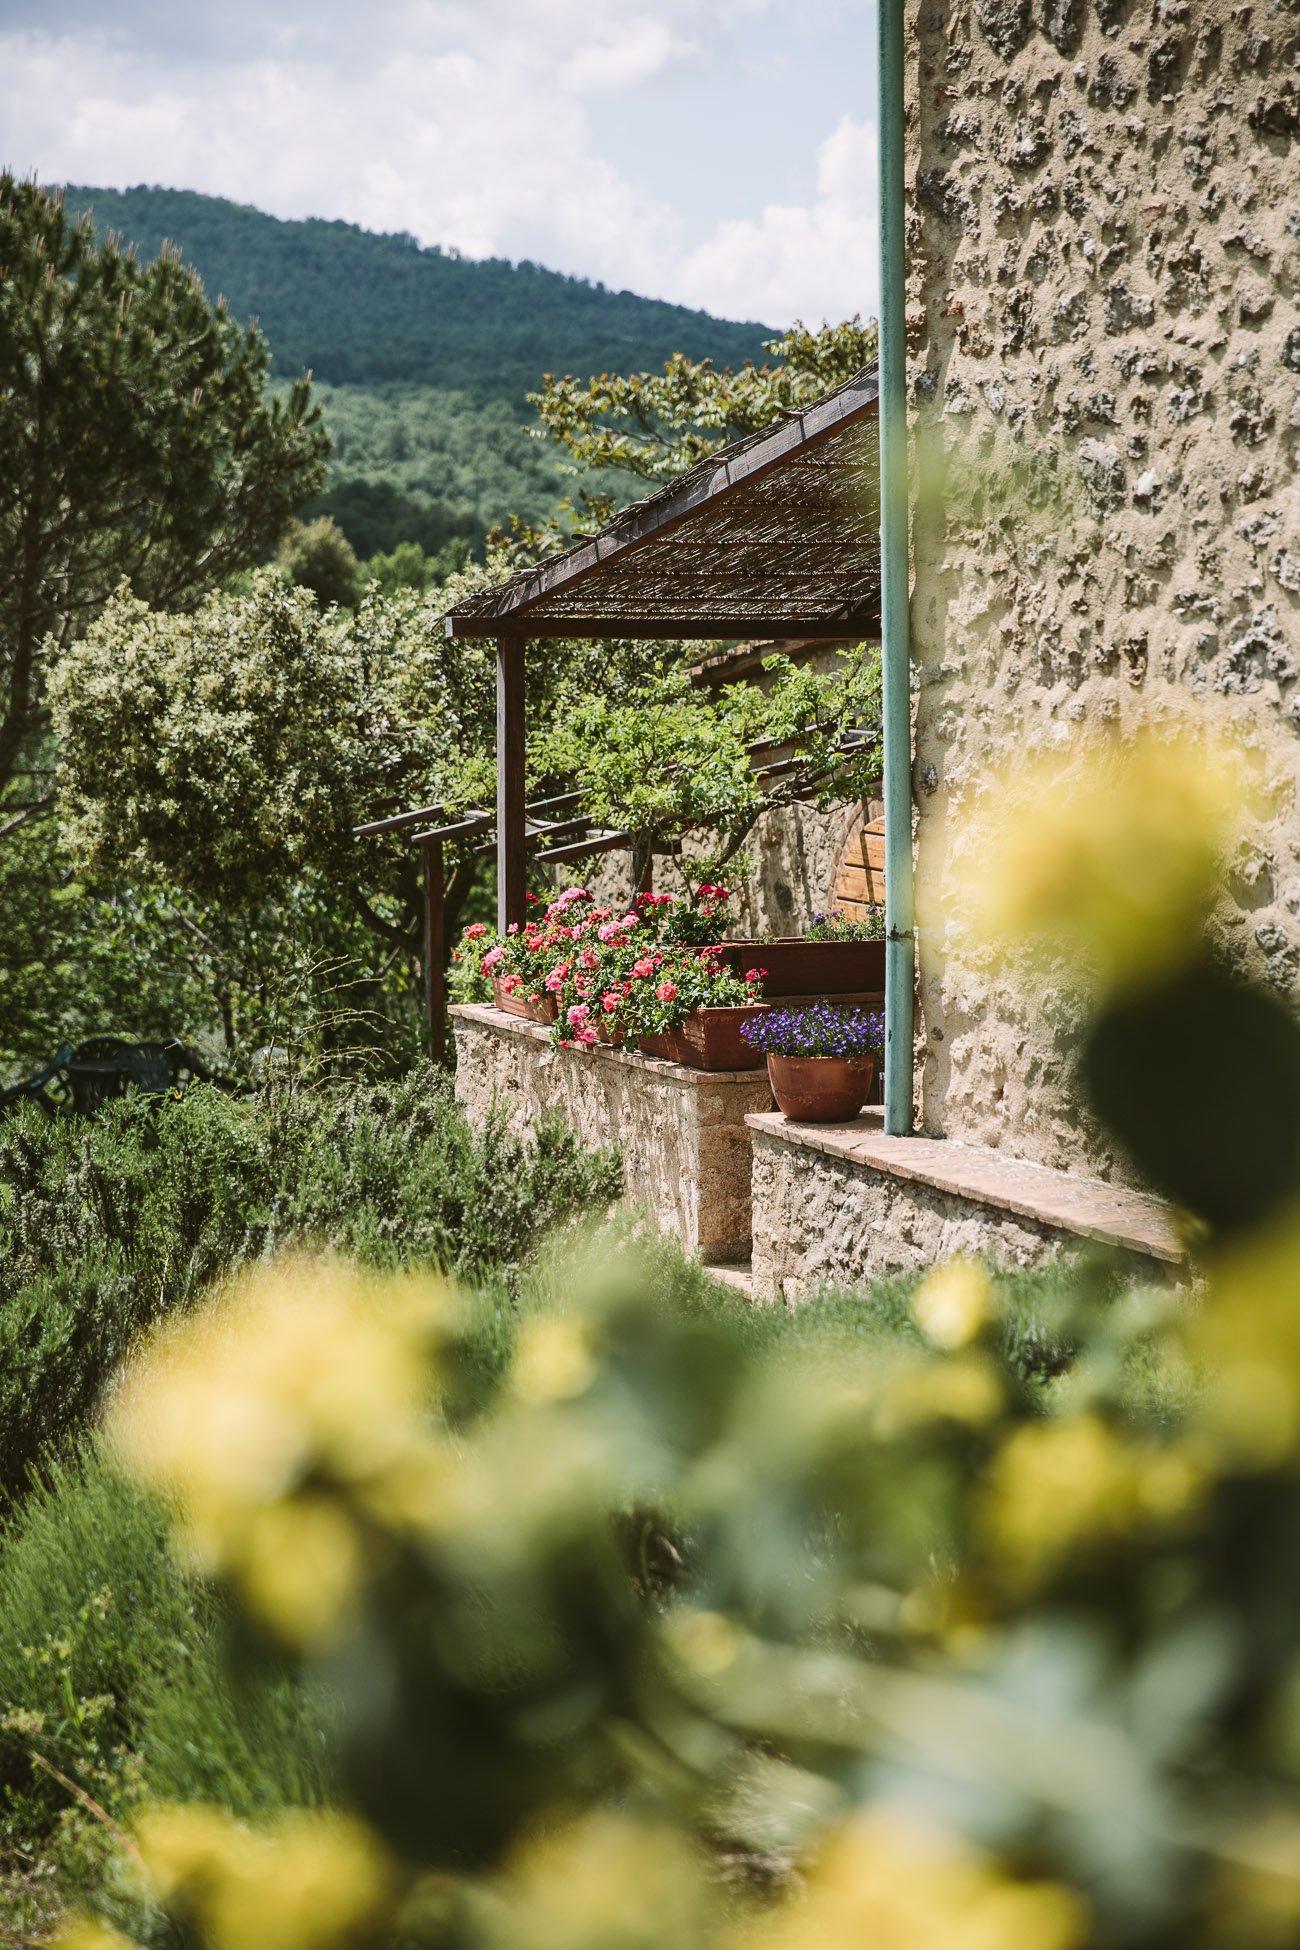 Apparita San Dalmazio Tuscany